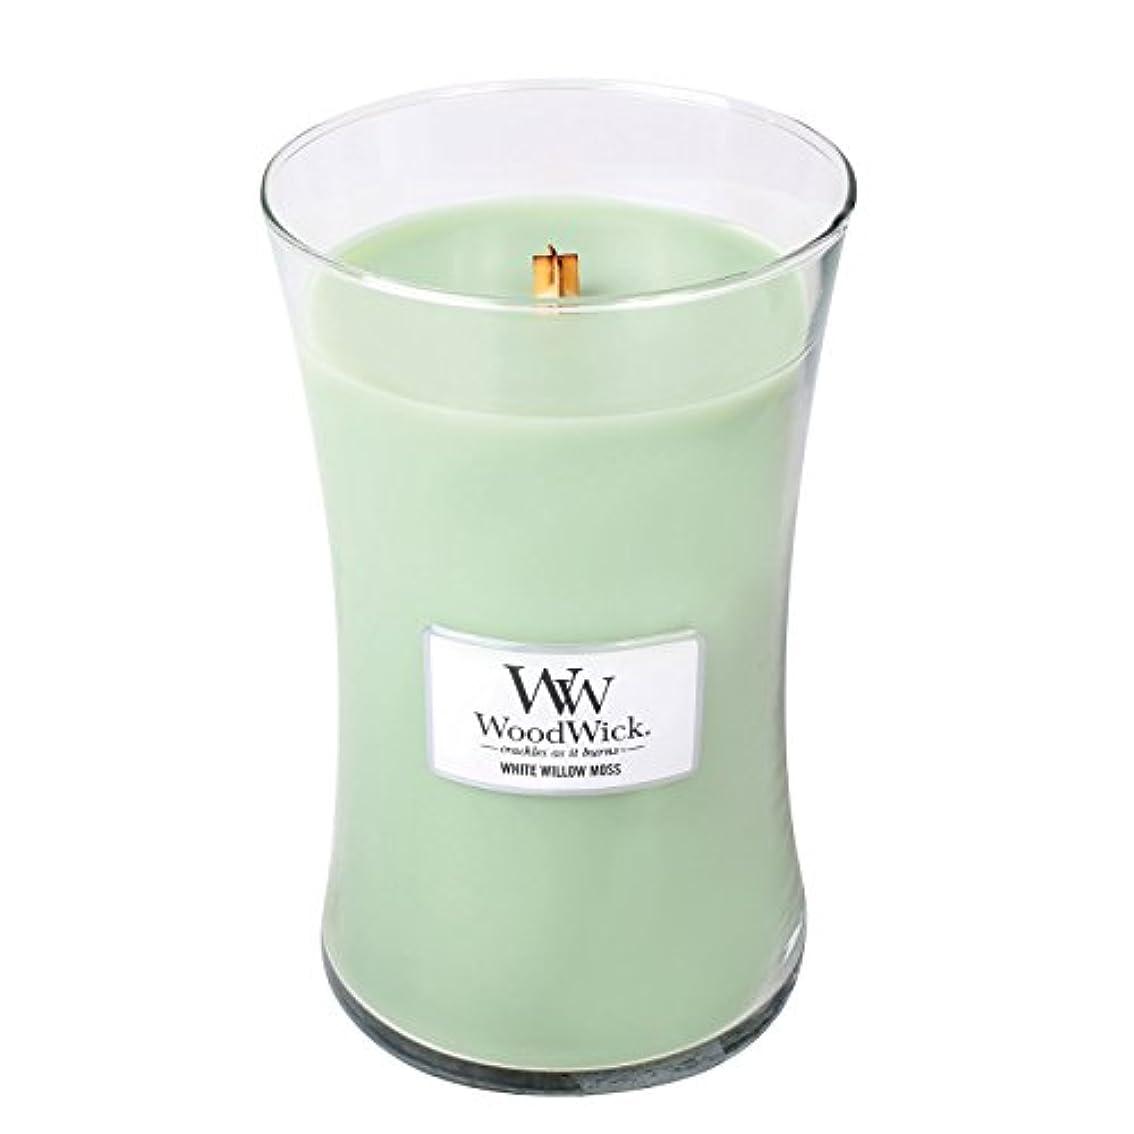 体系的にテロリストみなすWoodwickホワイトWillowモス、Highly Scented Candle、クラシック砂時計Jar , Large 7-inch、21.5 Oz